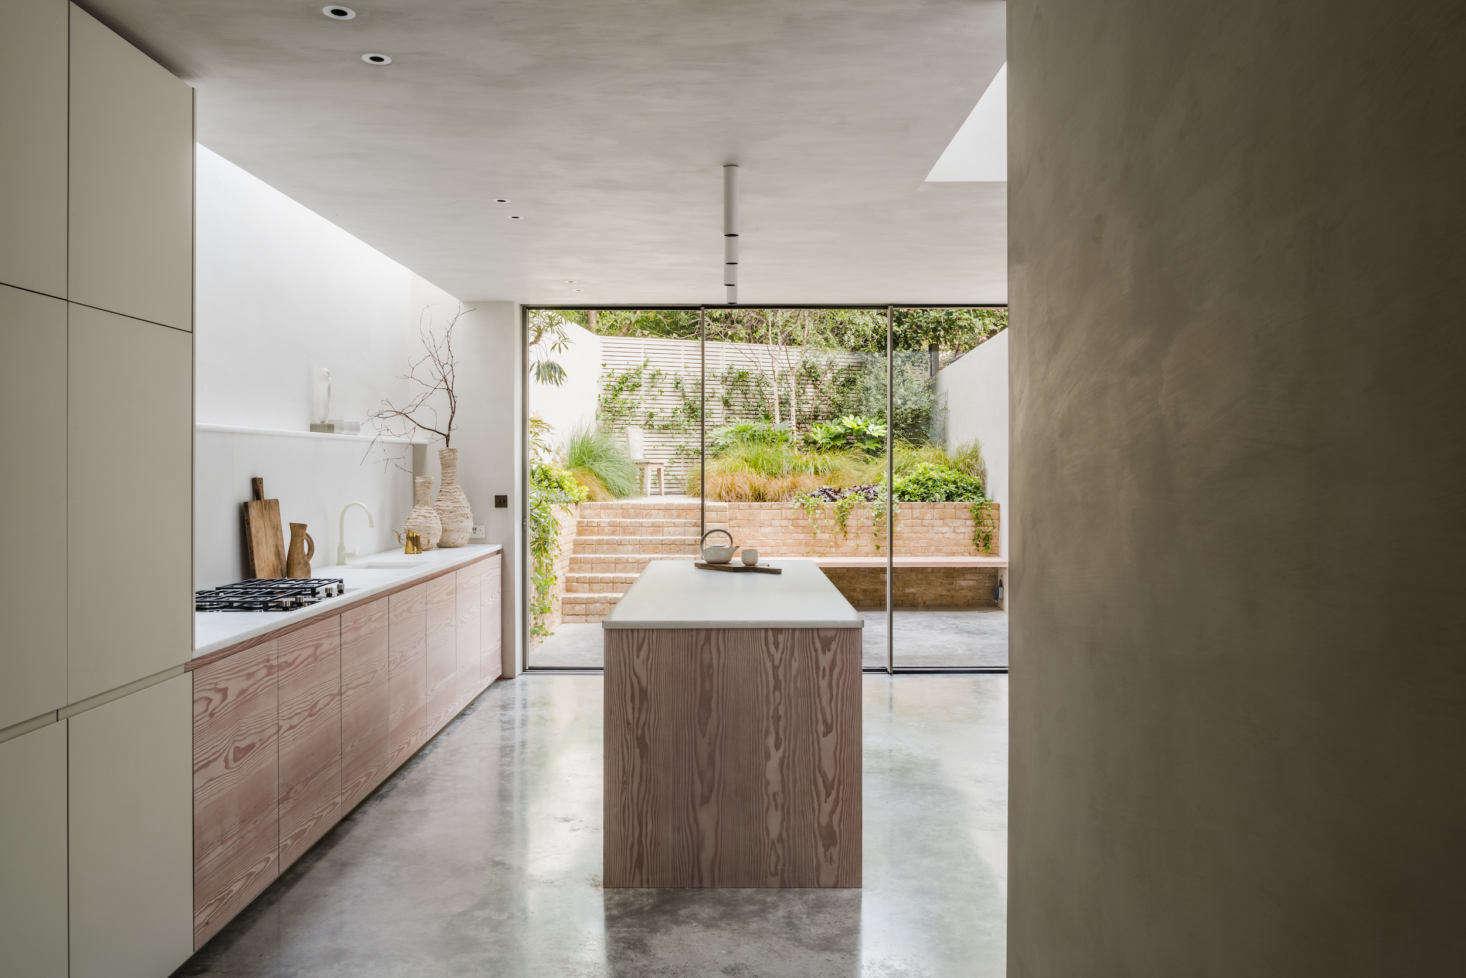 O nível do porão apresenta piso de concreto polido por toda parte e se estende até o jardim, logo após as portas de correr da cozinha.